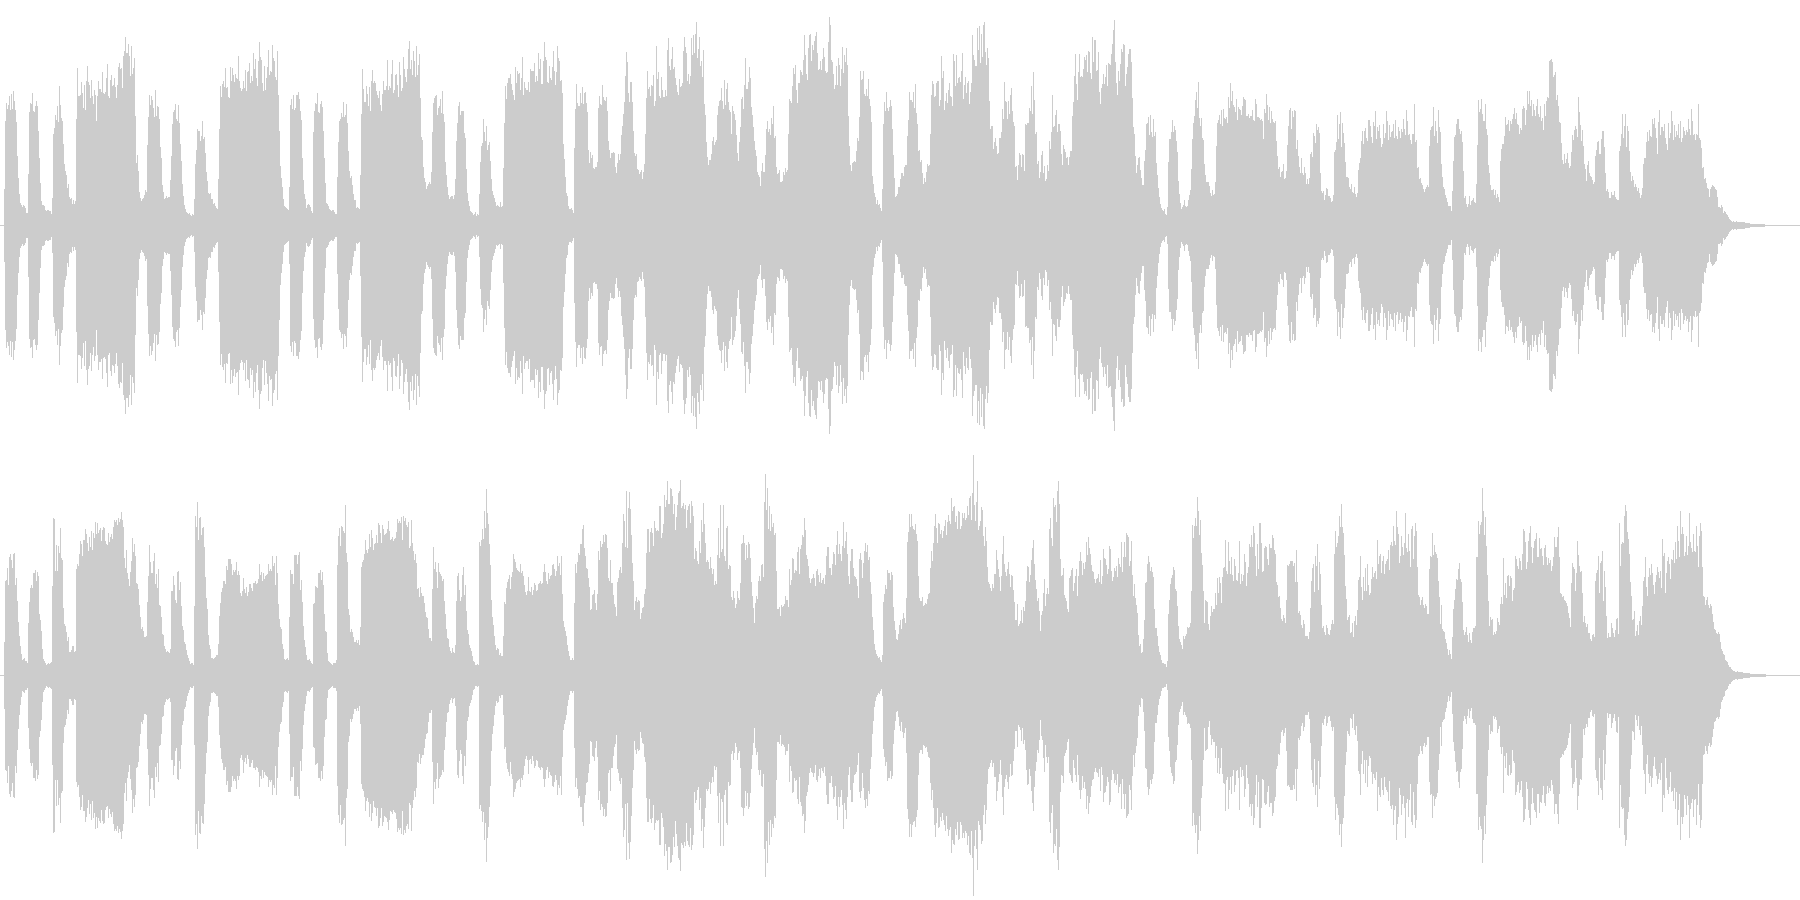 暗闇に潜むものを暗示する不安なBGMの未再生の波形